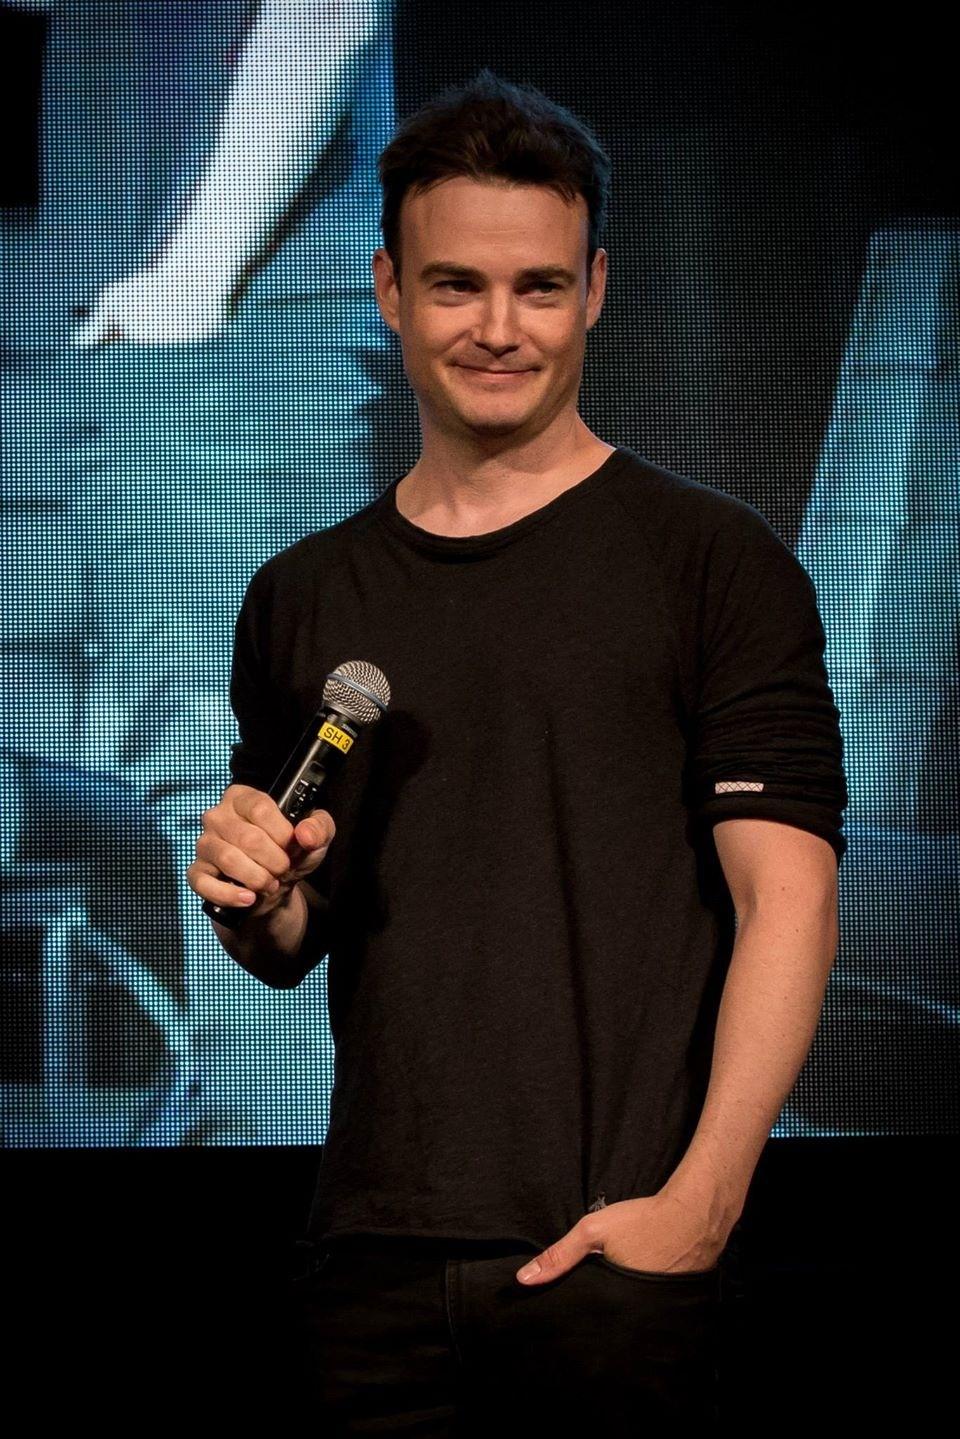 Robin Dunne